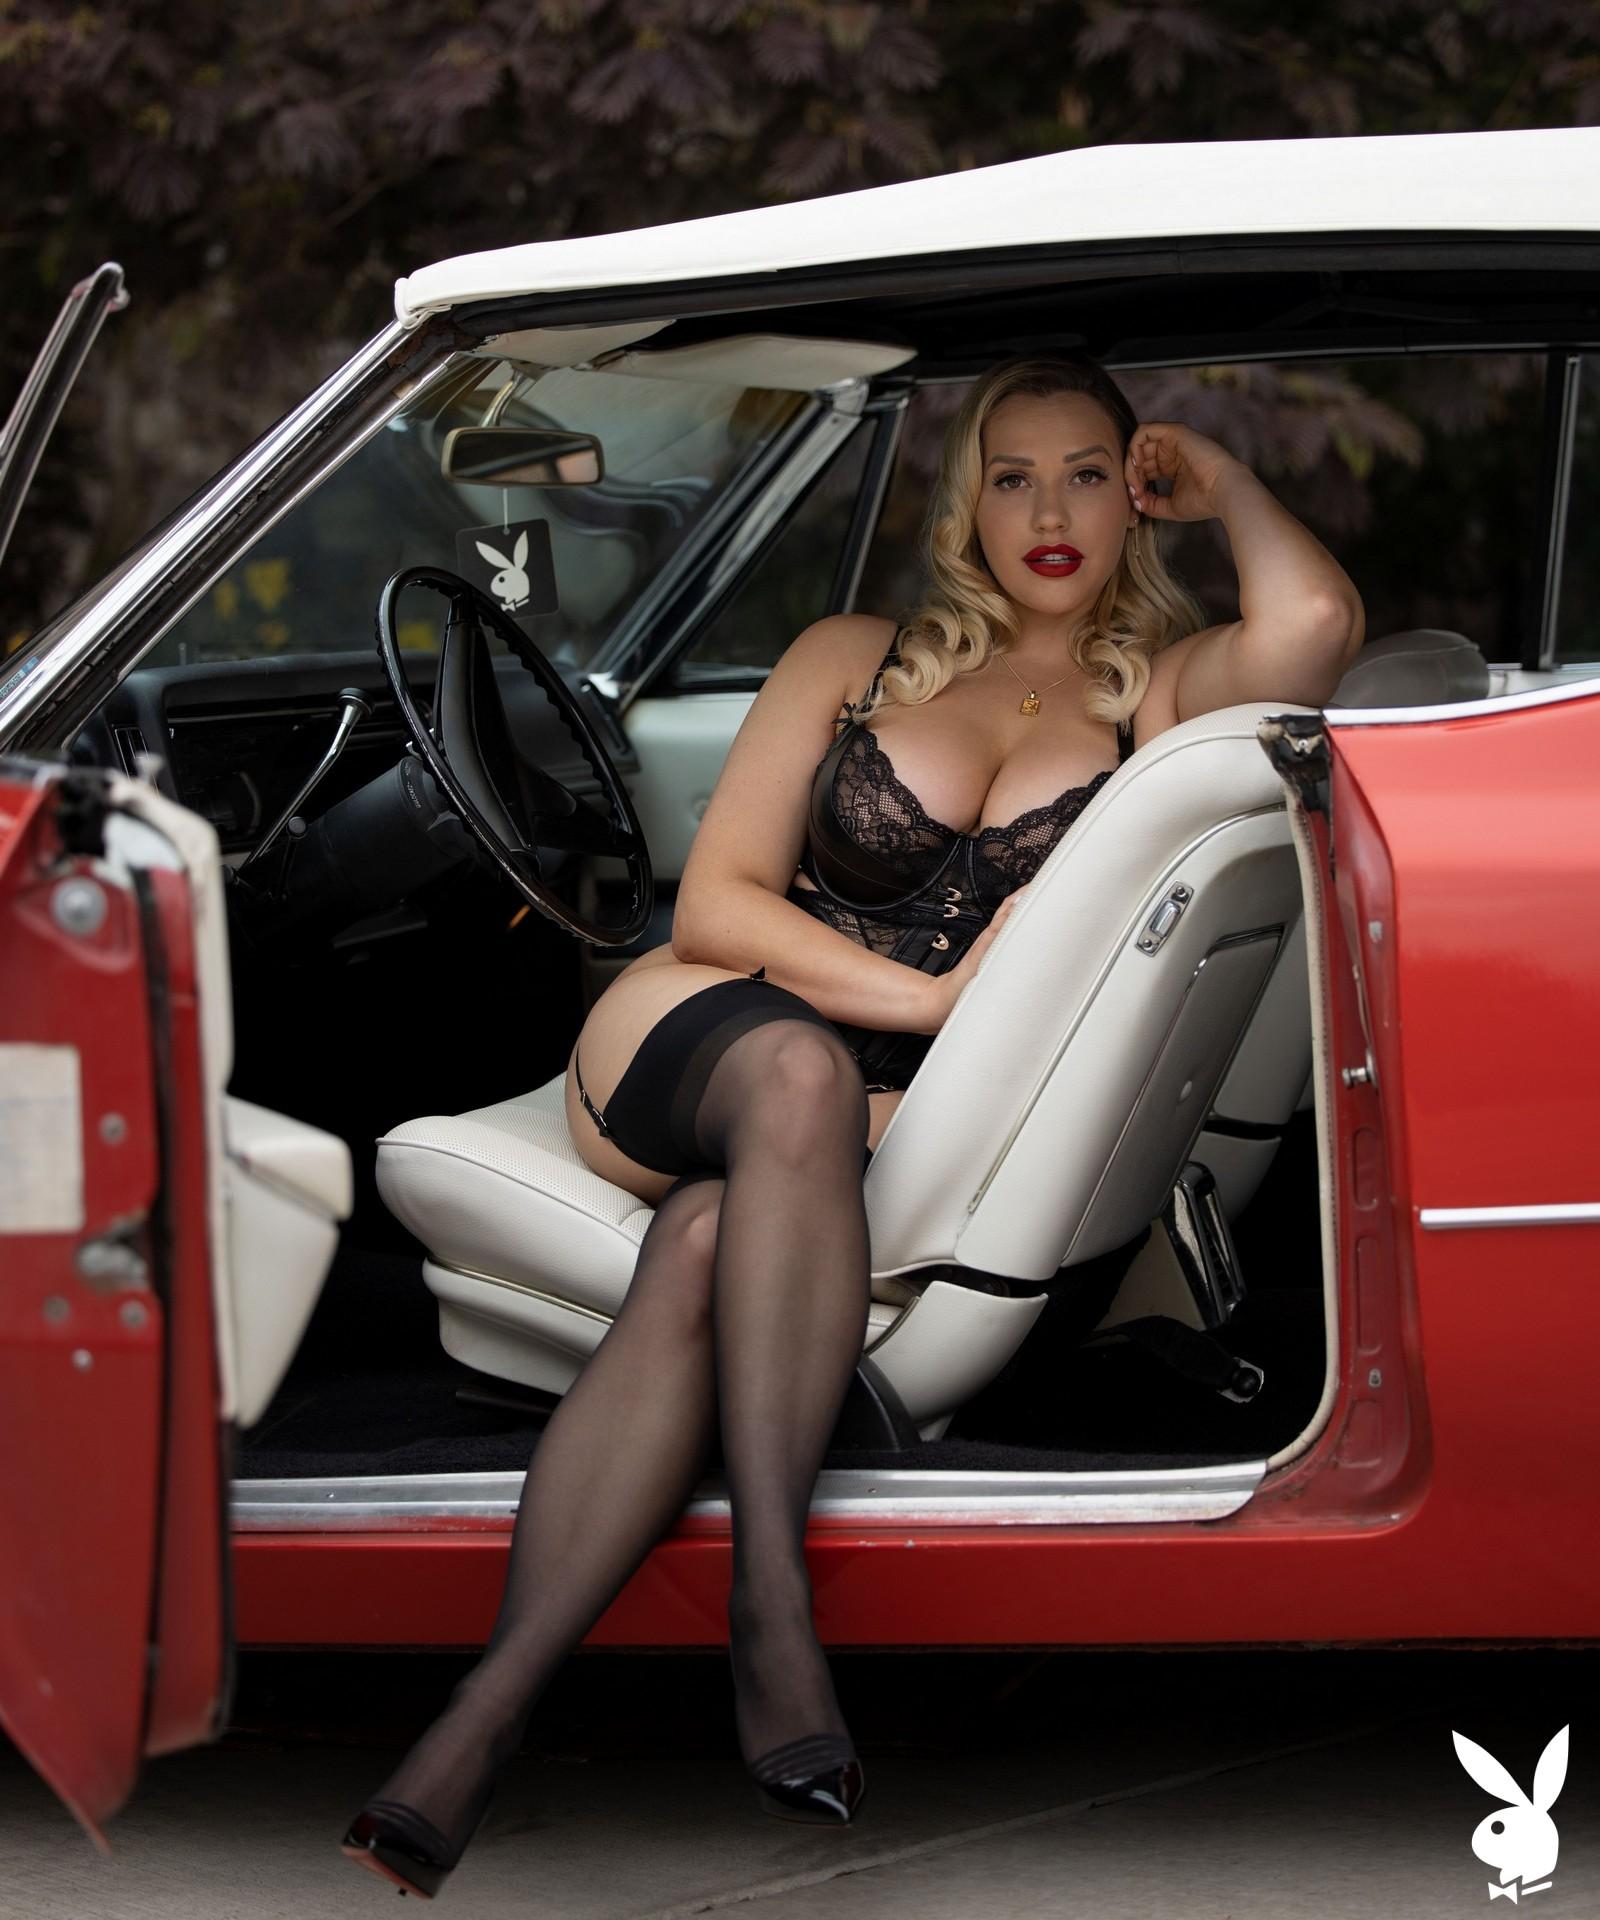 Mia Malkova In Drive Me Wild Playboy Plus (8)